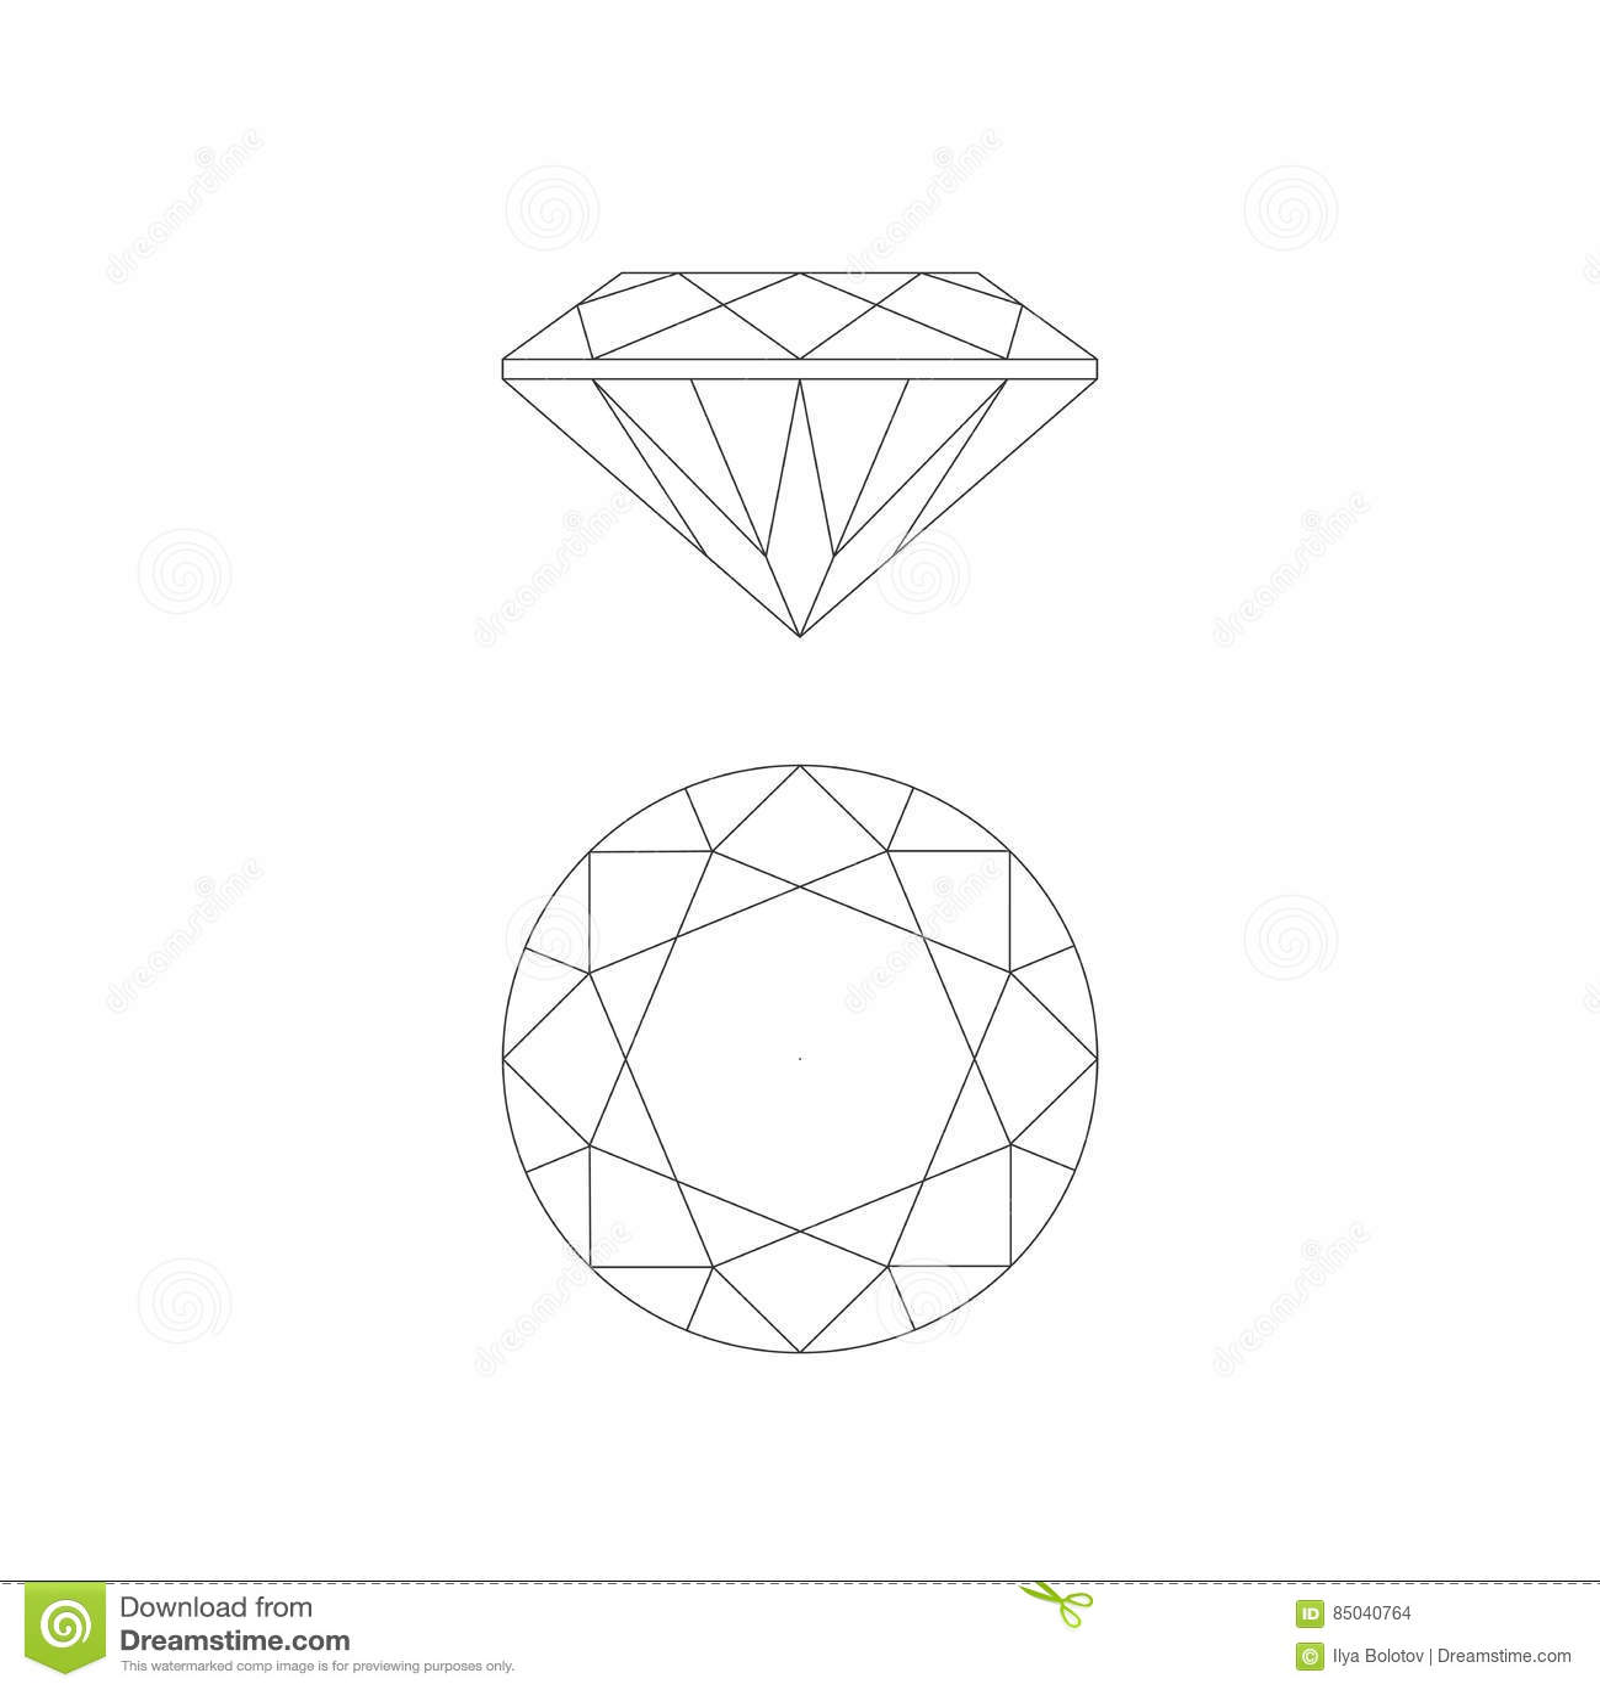 Dessin au trait diamant illustration de vecteur image - Diamant dessin ...